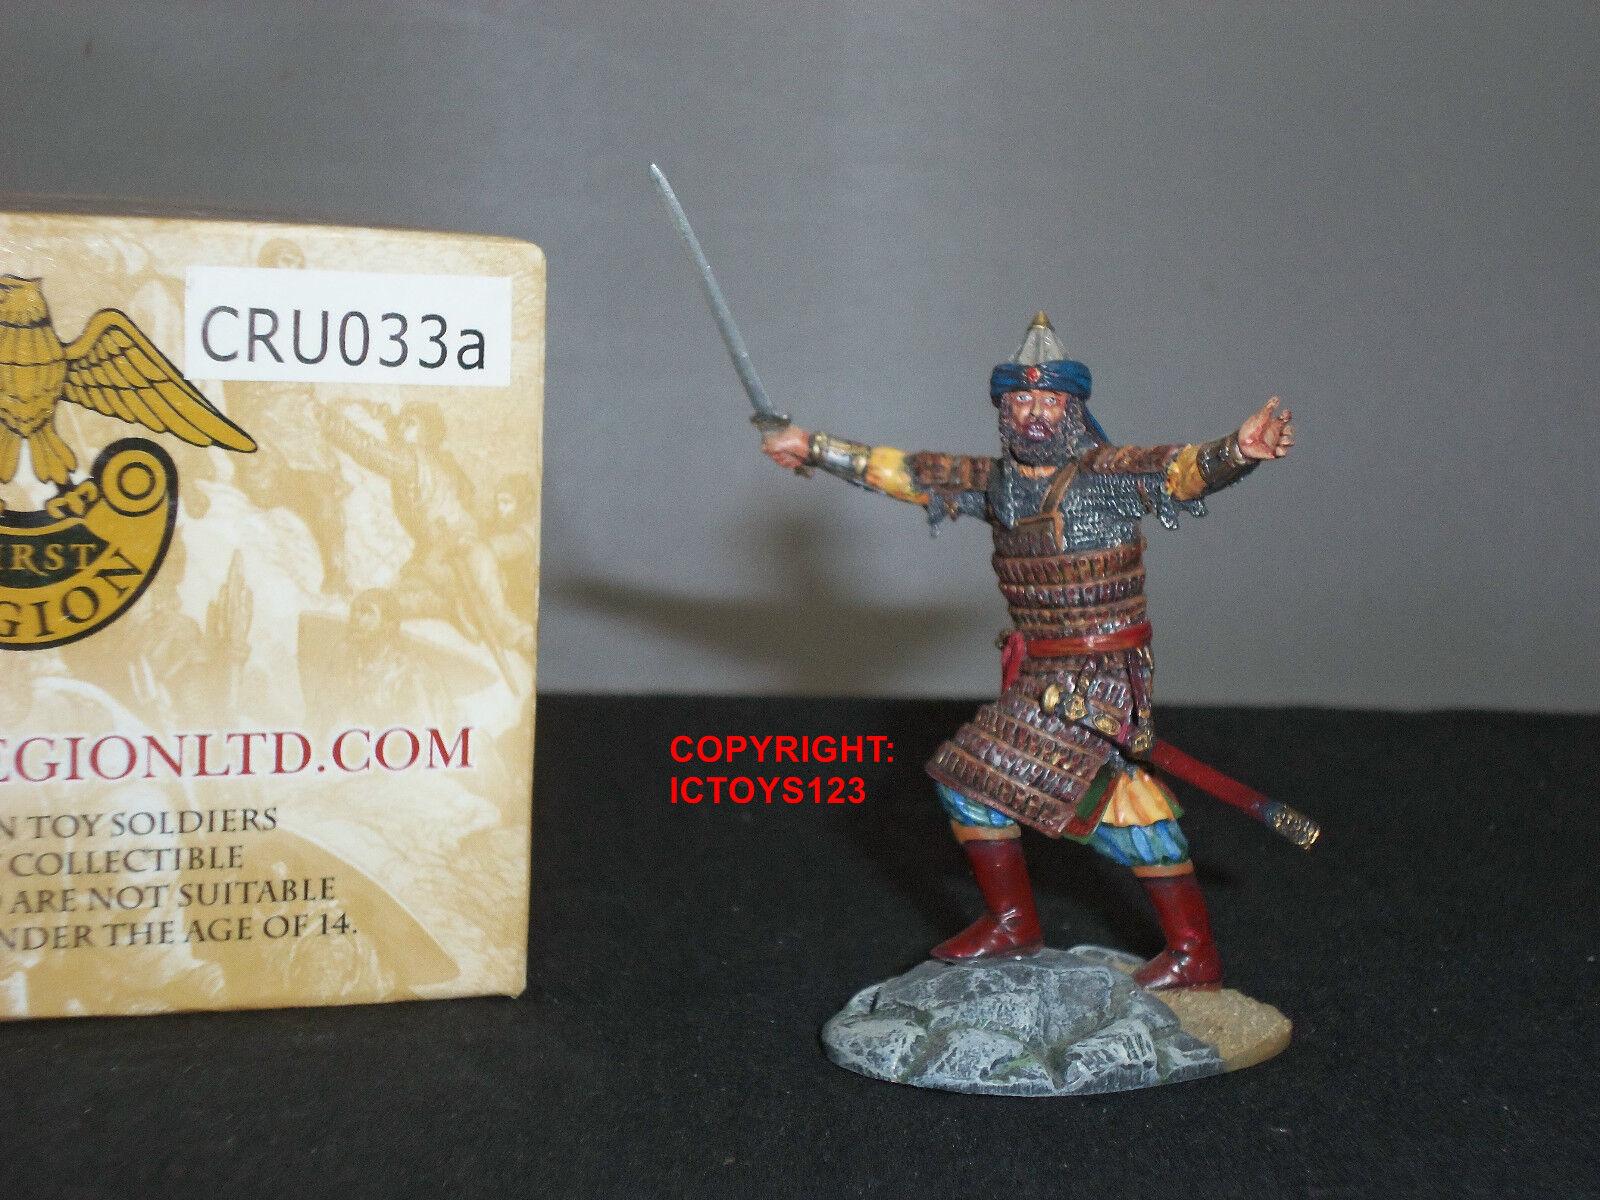 FIRST LEGION CRU033A CRUSADERS MAMLUK LEADER METAL TOY SOLDIER FIGURE